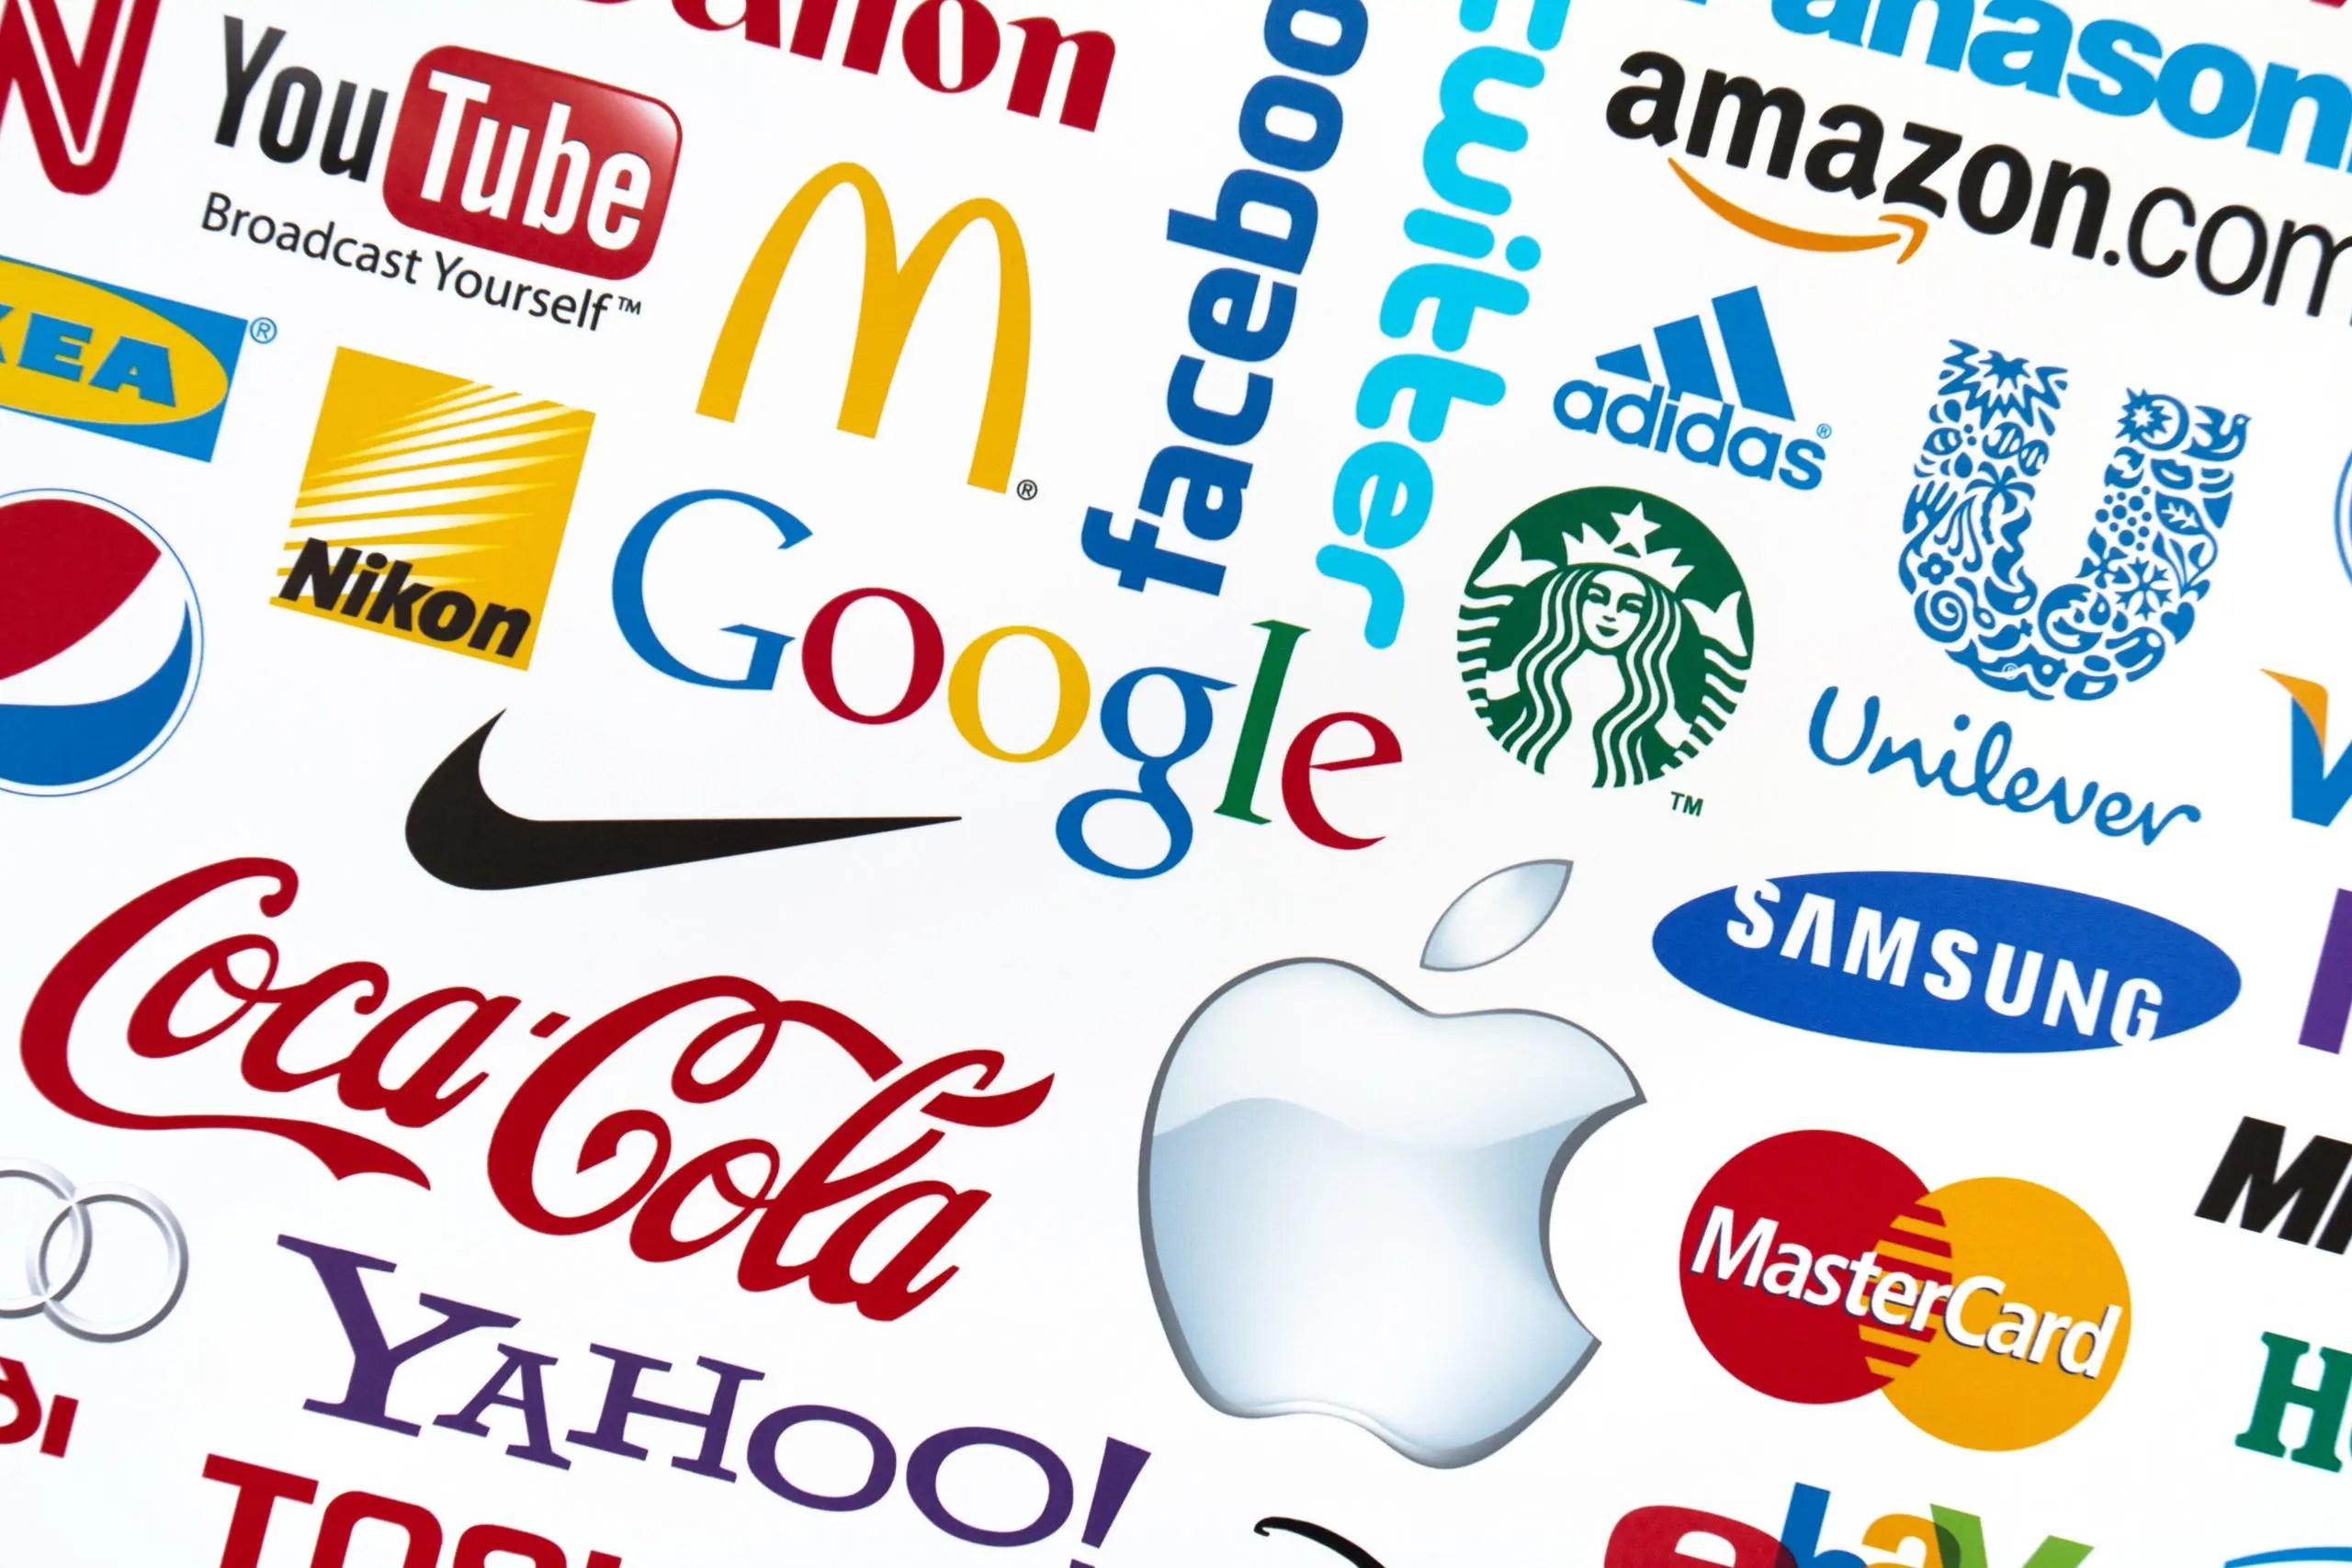 Les 7 choses indispensables dans un logo professionnel